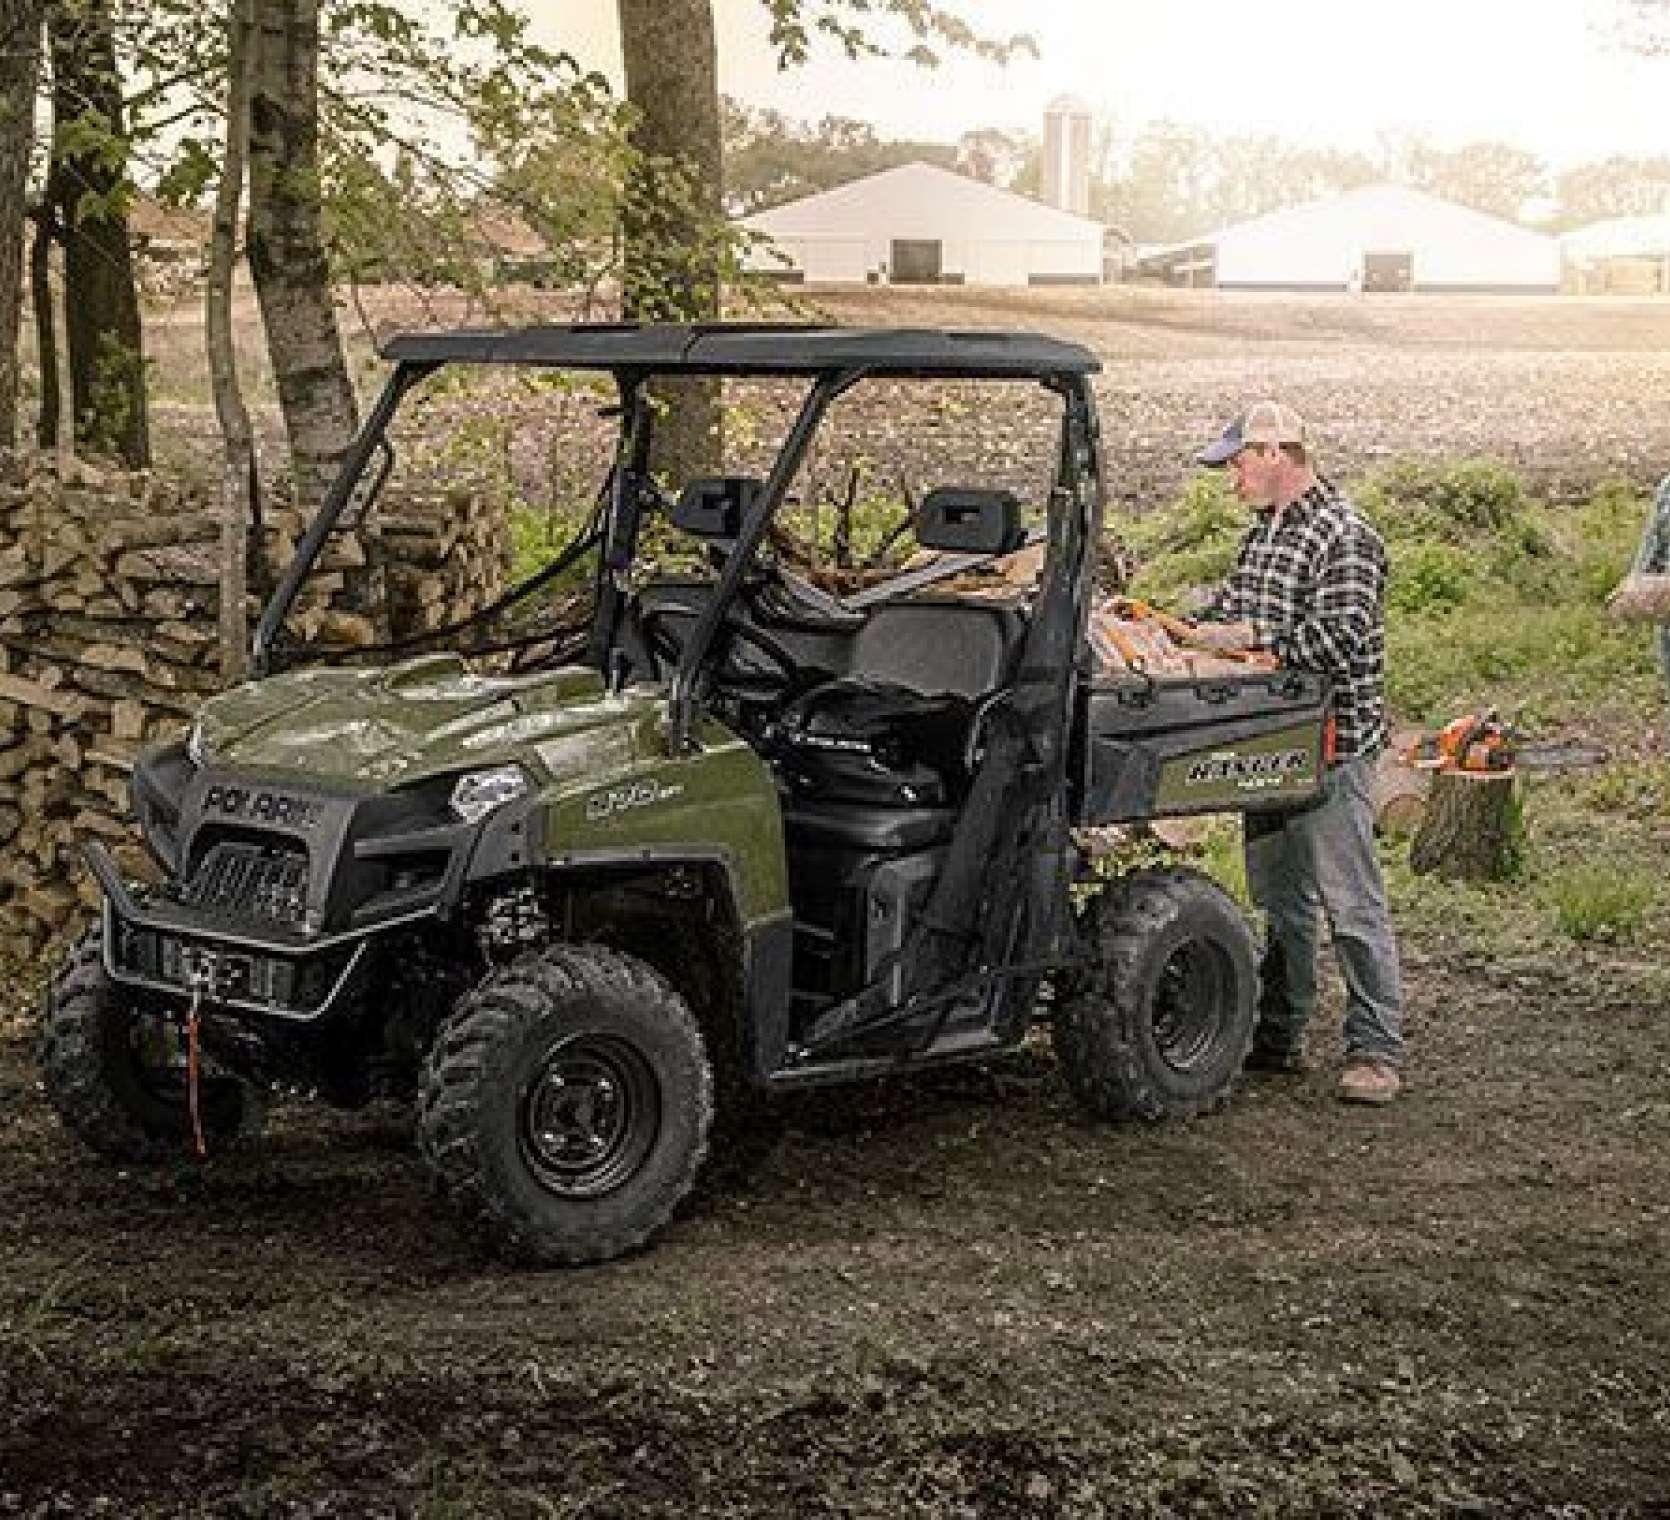 zielony quad Polaris Ranger 570 EPS przy załadunku drewna w lesie